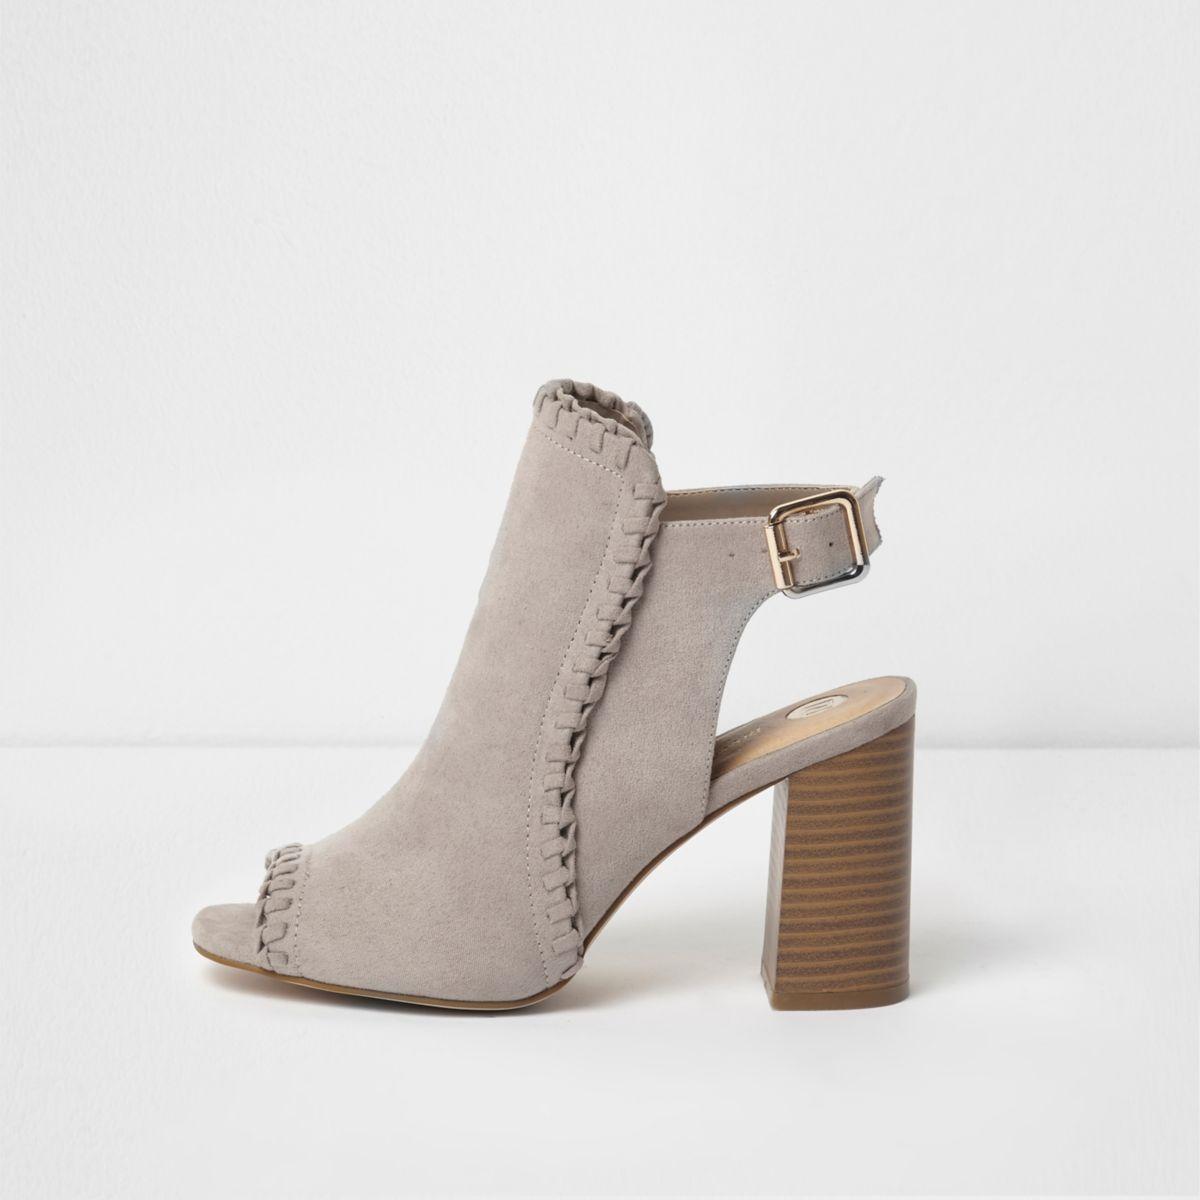 Bottes De Chaussures Coupés Au Laser Beige Avec Peeptoe VNLLjljW